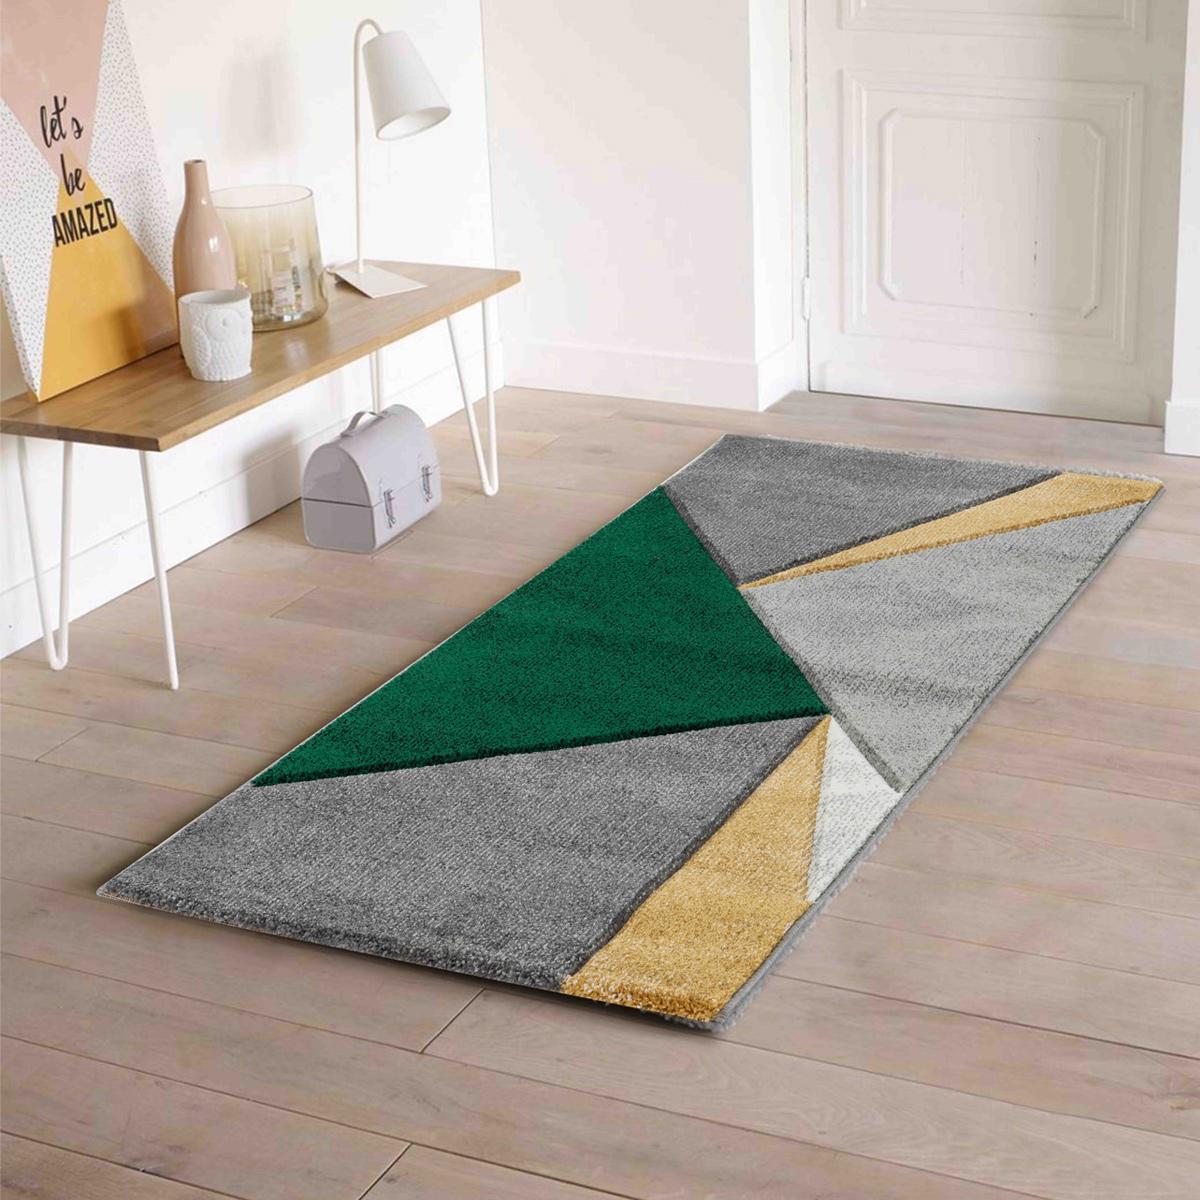 Tapis aux triangles colorés (Vert)